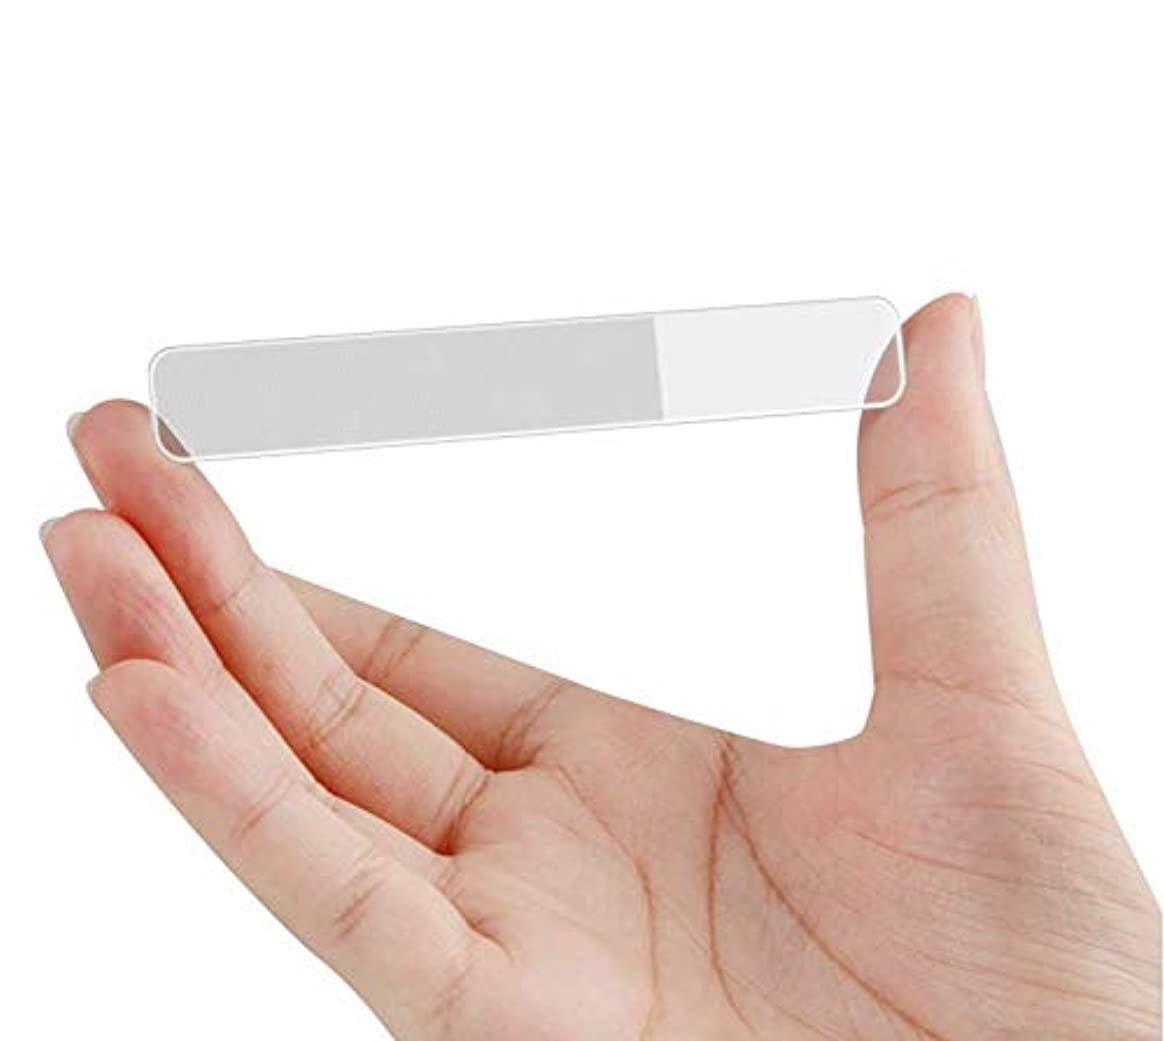 一時解雇する振り子ステレオMX 爪やすり 爪磨き ガラス製 (スタイル A)